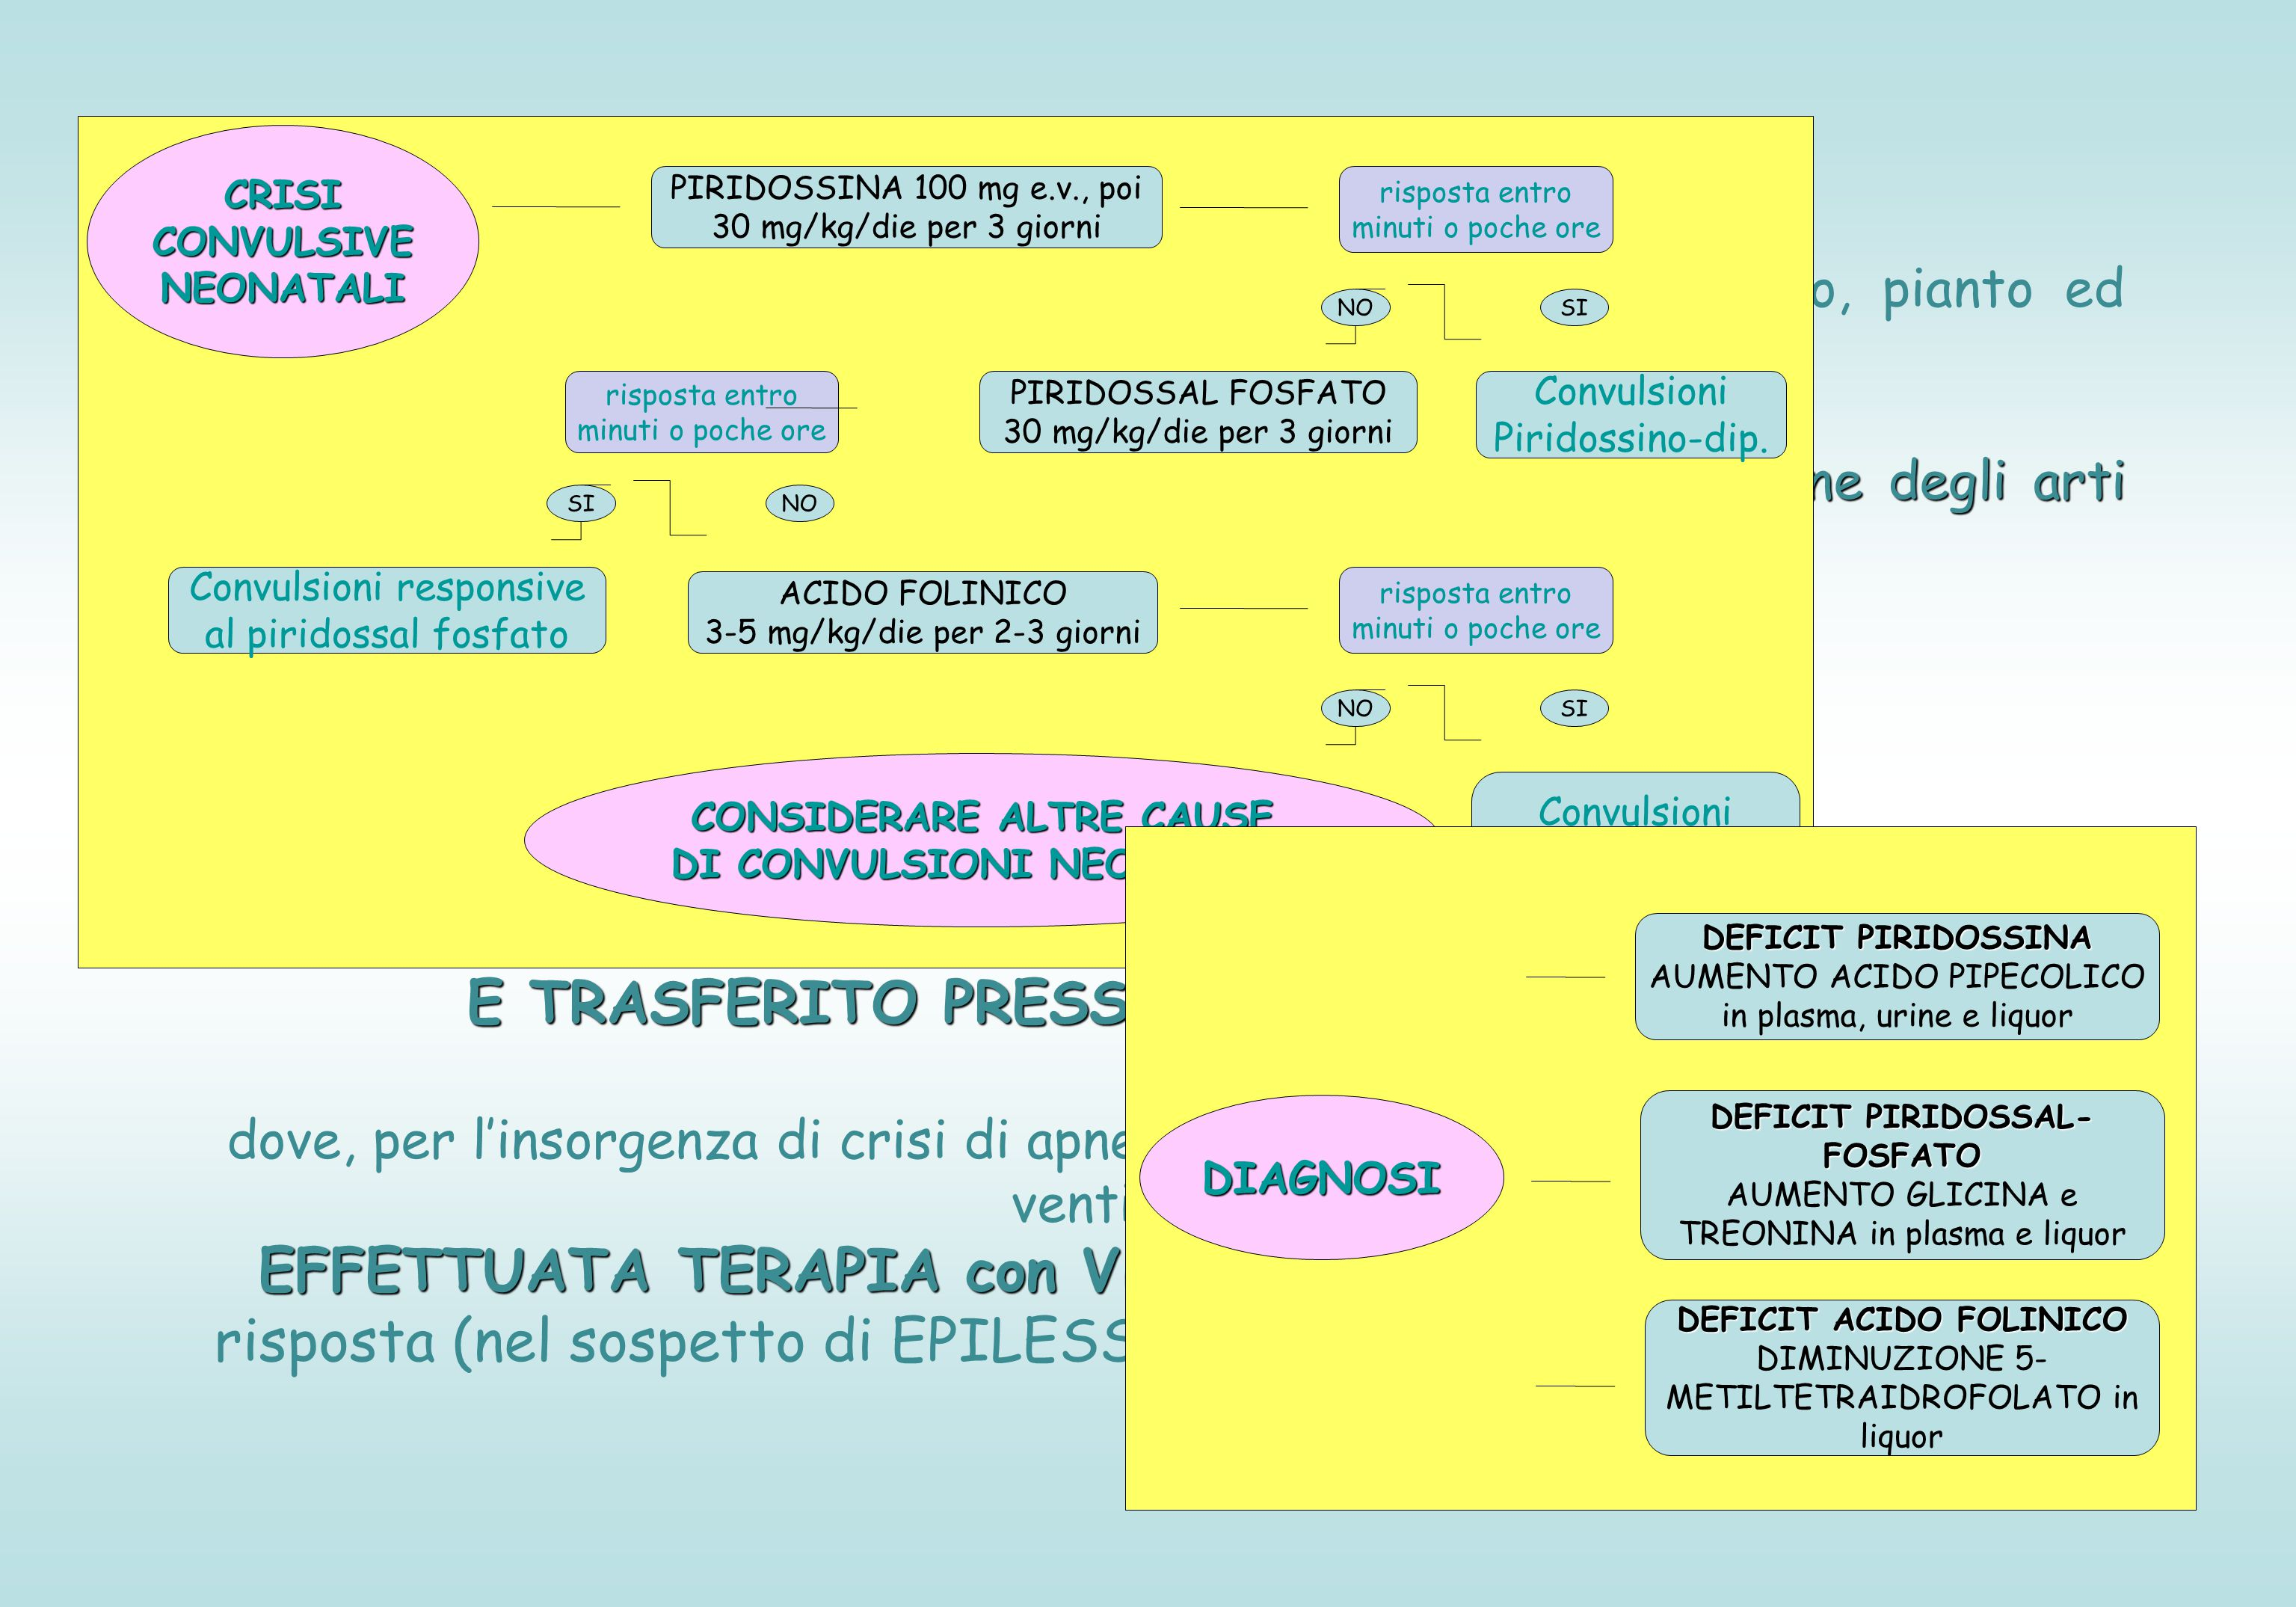 MALATTIE MITOCONDRIALI Concordanti: -Evoluzione clinica acuta con quadro da deficit energetico -Aumento CK -Iperlatticidemia -Reperto di neuroimmagini: coinvolgimento cerebellare, della sostanza grigia e talamo Discordanti: -Lattato su liquor solo lievemente aumentato anche se presente spiccata iperlatticidemia -Rapporto L/P in siero nella norma -Alla RM con spettroscopia: incremento del picco di lattato solo nelle aree interessate dalle lesioni ma non nel restante parenchima -BIOPSIA MUSCOLARE per studio subunità catena respiratoria, PDH, ATP-sintasi: nella norma SOSPETTO DIAGNOSTICO MALATTIA DI LEIGH Cinica + Reperto autoptico: sospetto di MALATTIA DI LEIGH